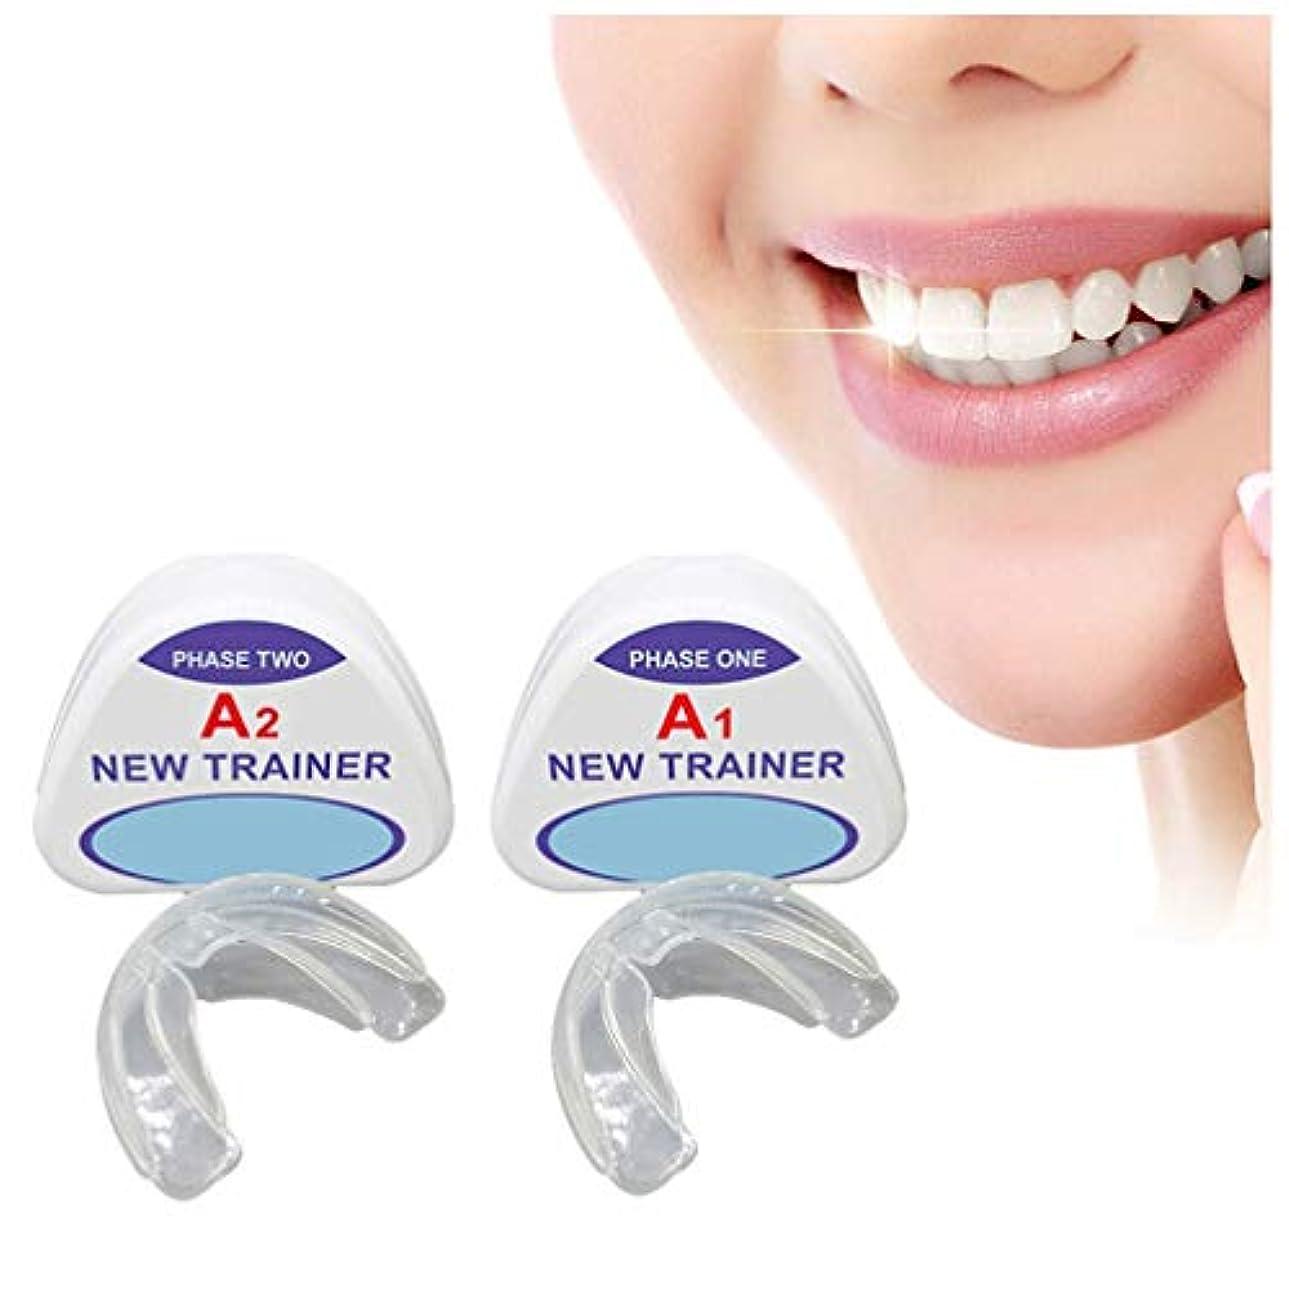 自明バット信者歯列矯正トレーナーリテーナー、歯科矯正ブレース、歯科マウスガード矯正器具、夜間予防臼歯ブレース、(2ステージ)、A1 + A2,A1+A2